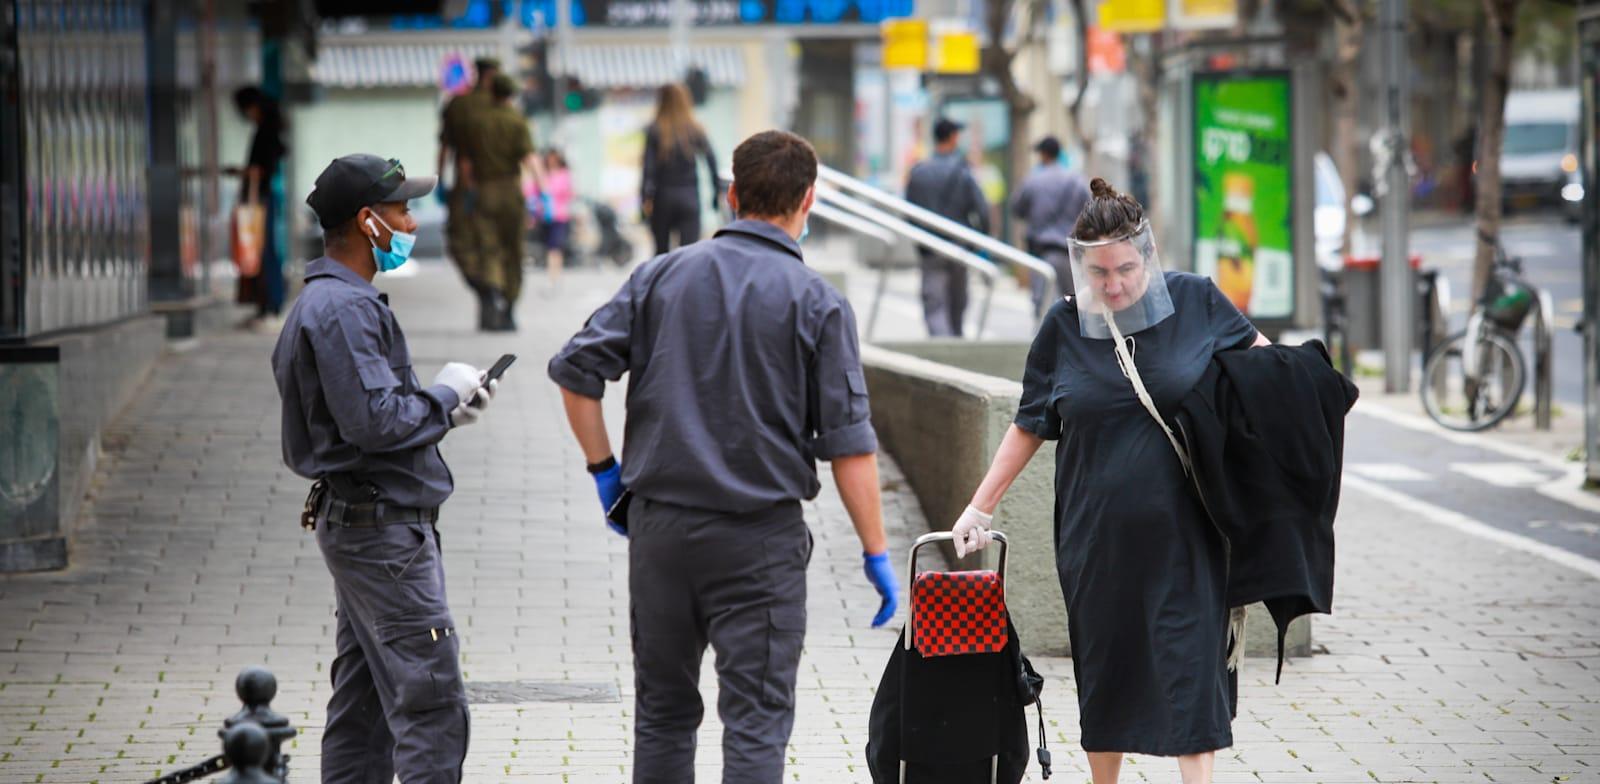 פקחים בתל אביב. המאבק בקורונה לווה בהחלטות לא הגיוניות / צילום: שלומי יוסף